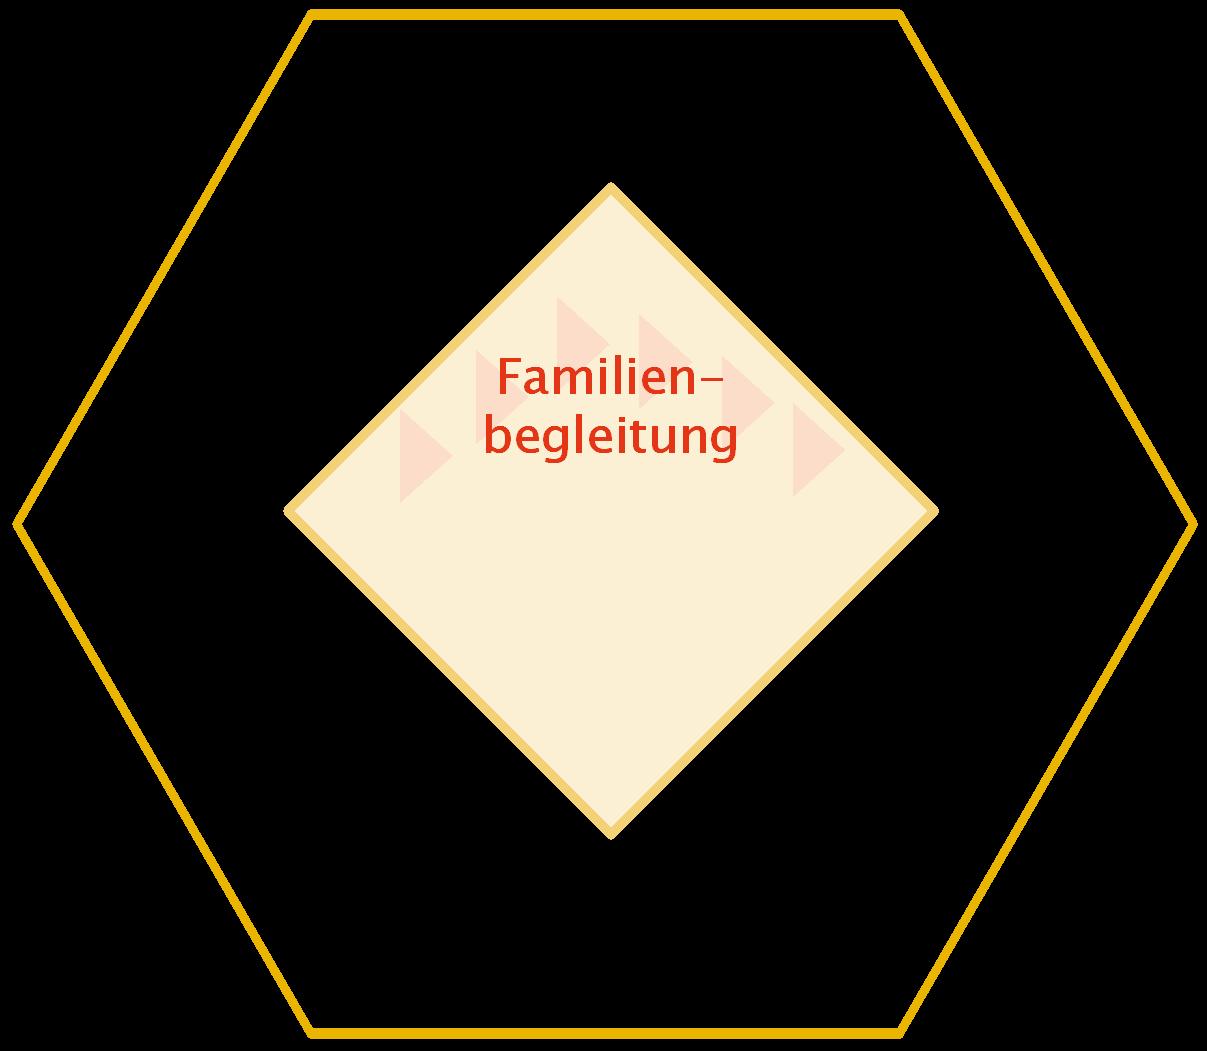 Piktogramm: Kernelement Familienbegleitung